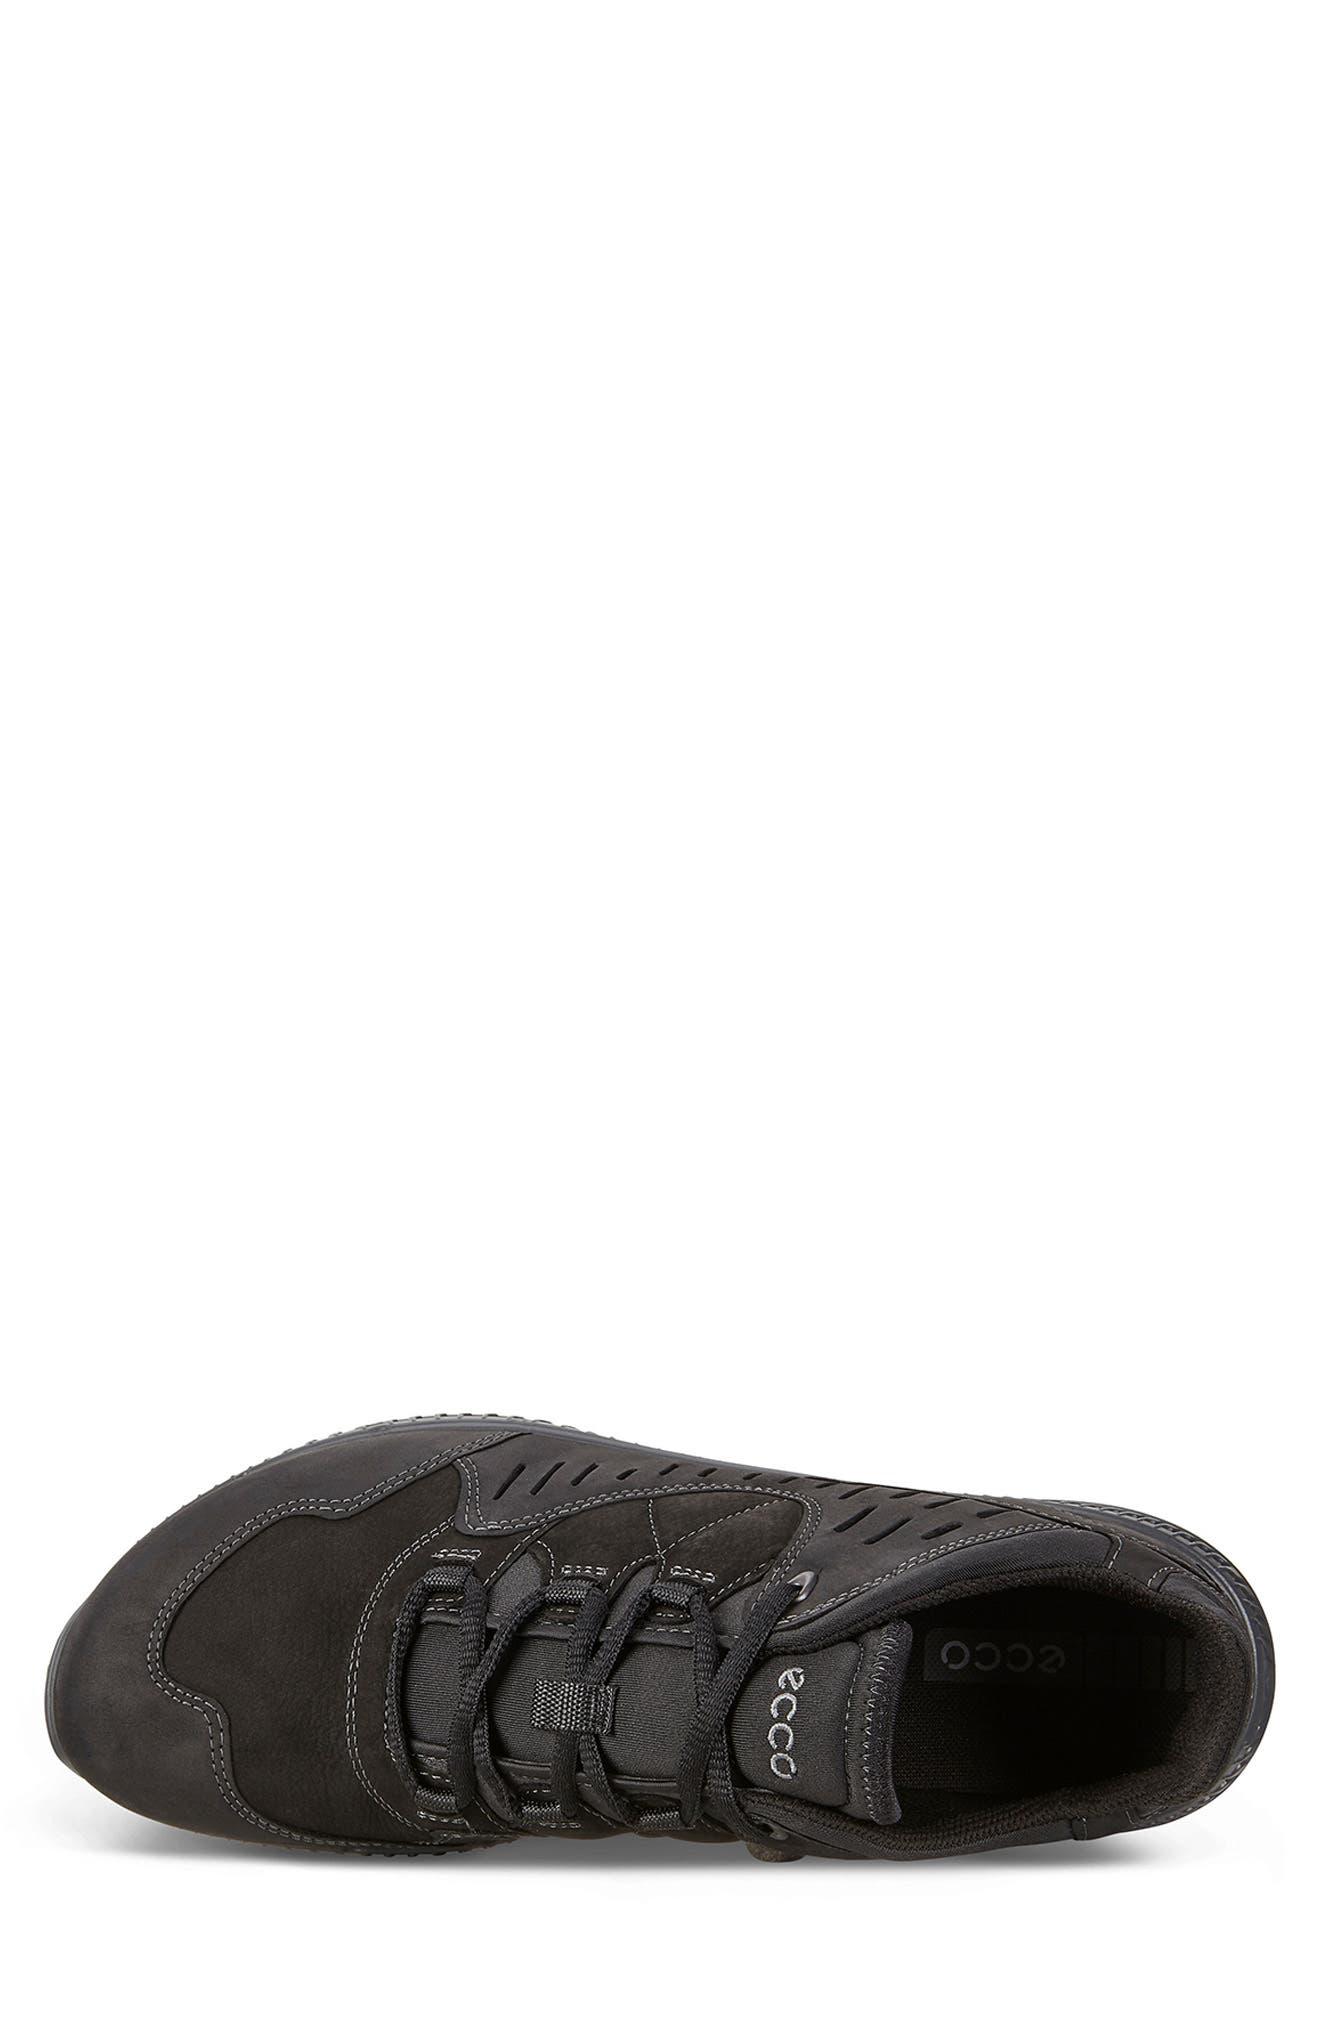 Terrawalk Sneaker,                             Alternate thumbnail 3, color,                             001